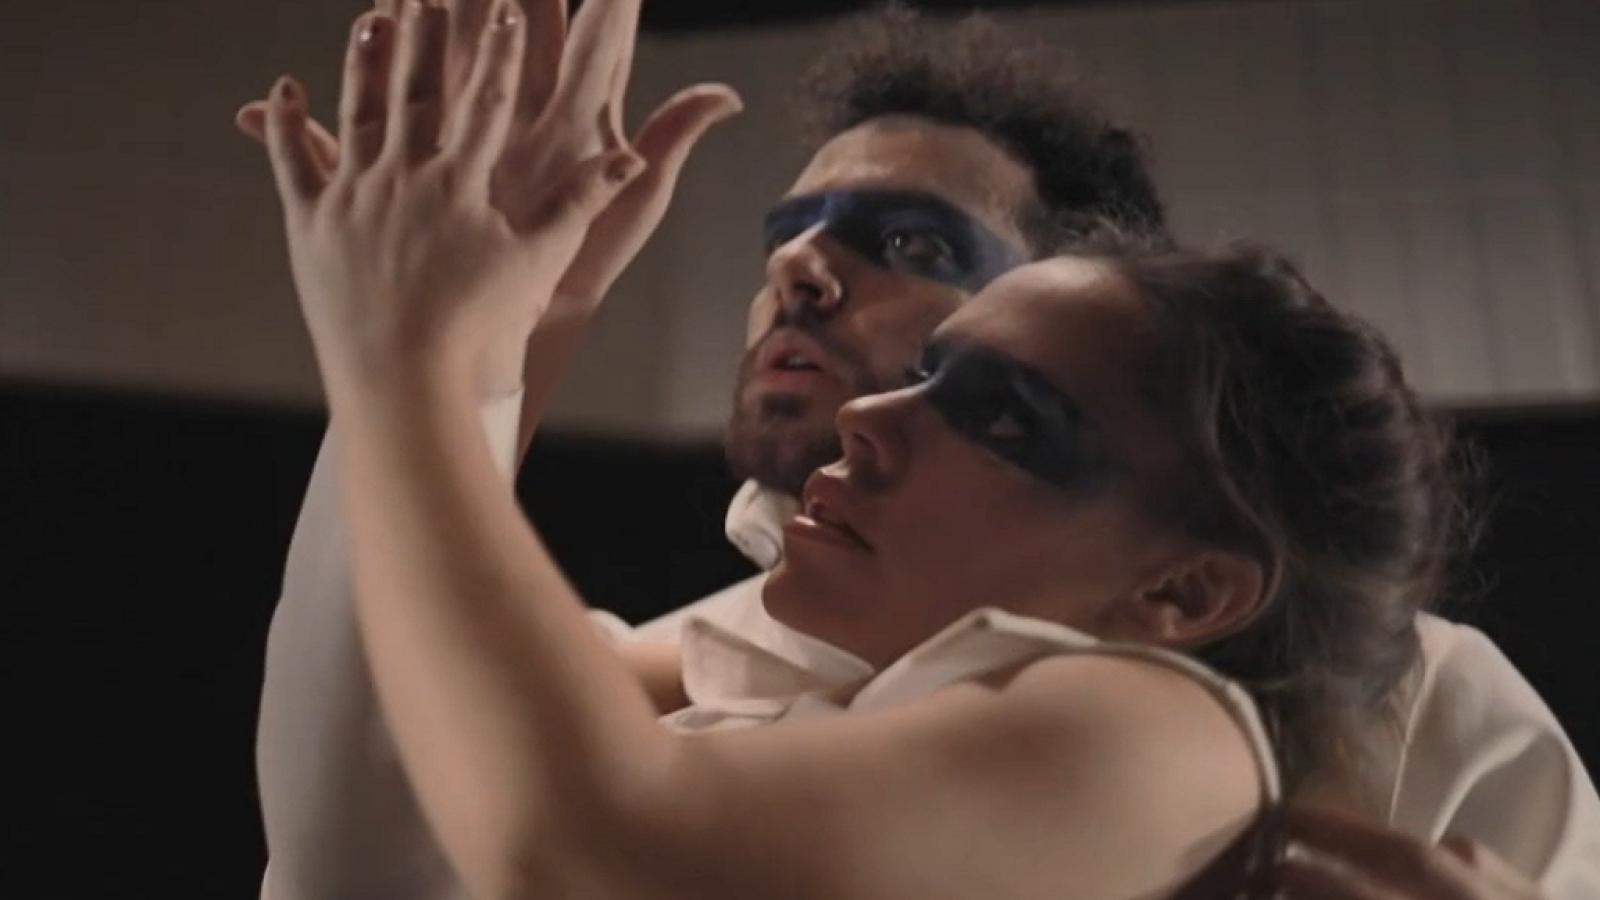 En Lengua de Signos - La sexualidad y la diversidad a escena - ver ahora